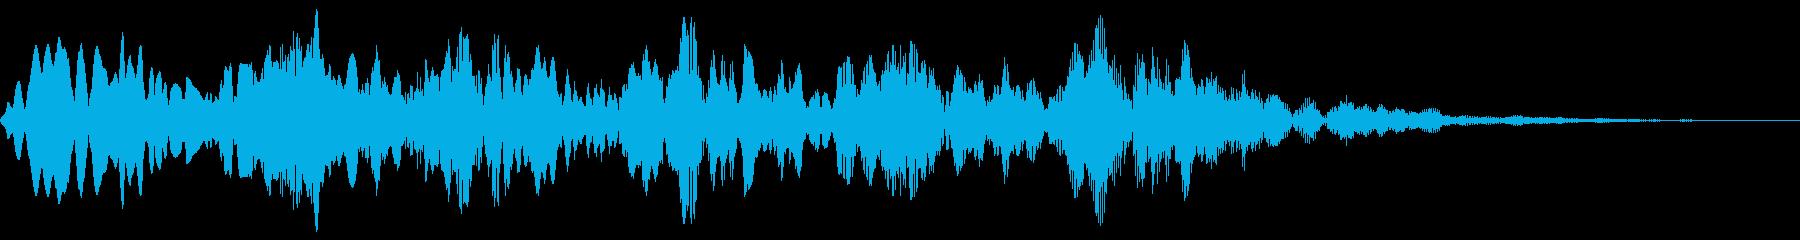 ピロピロ(やられた 倒れる コミカル)の再生済みの波形